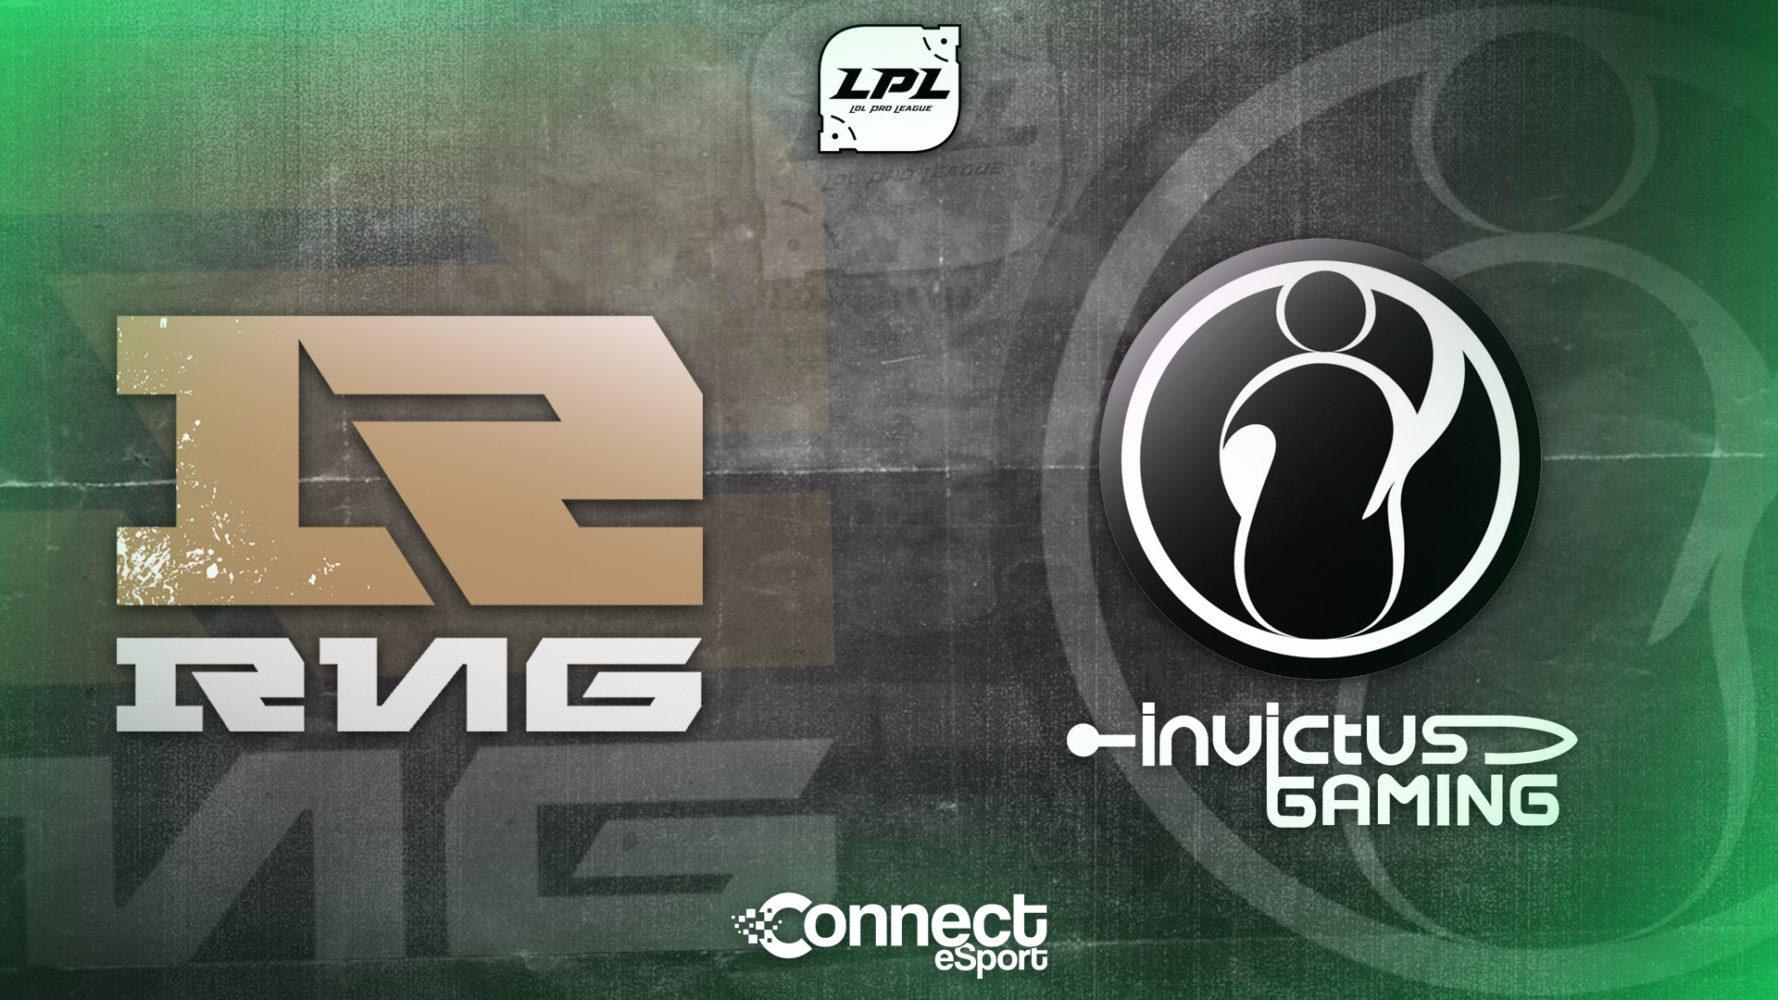 rng-vs-invictus-lpl-